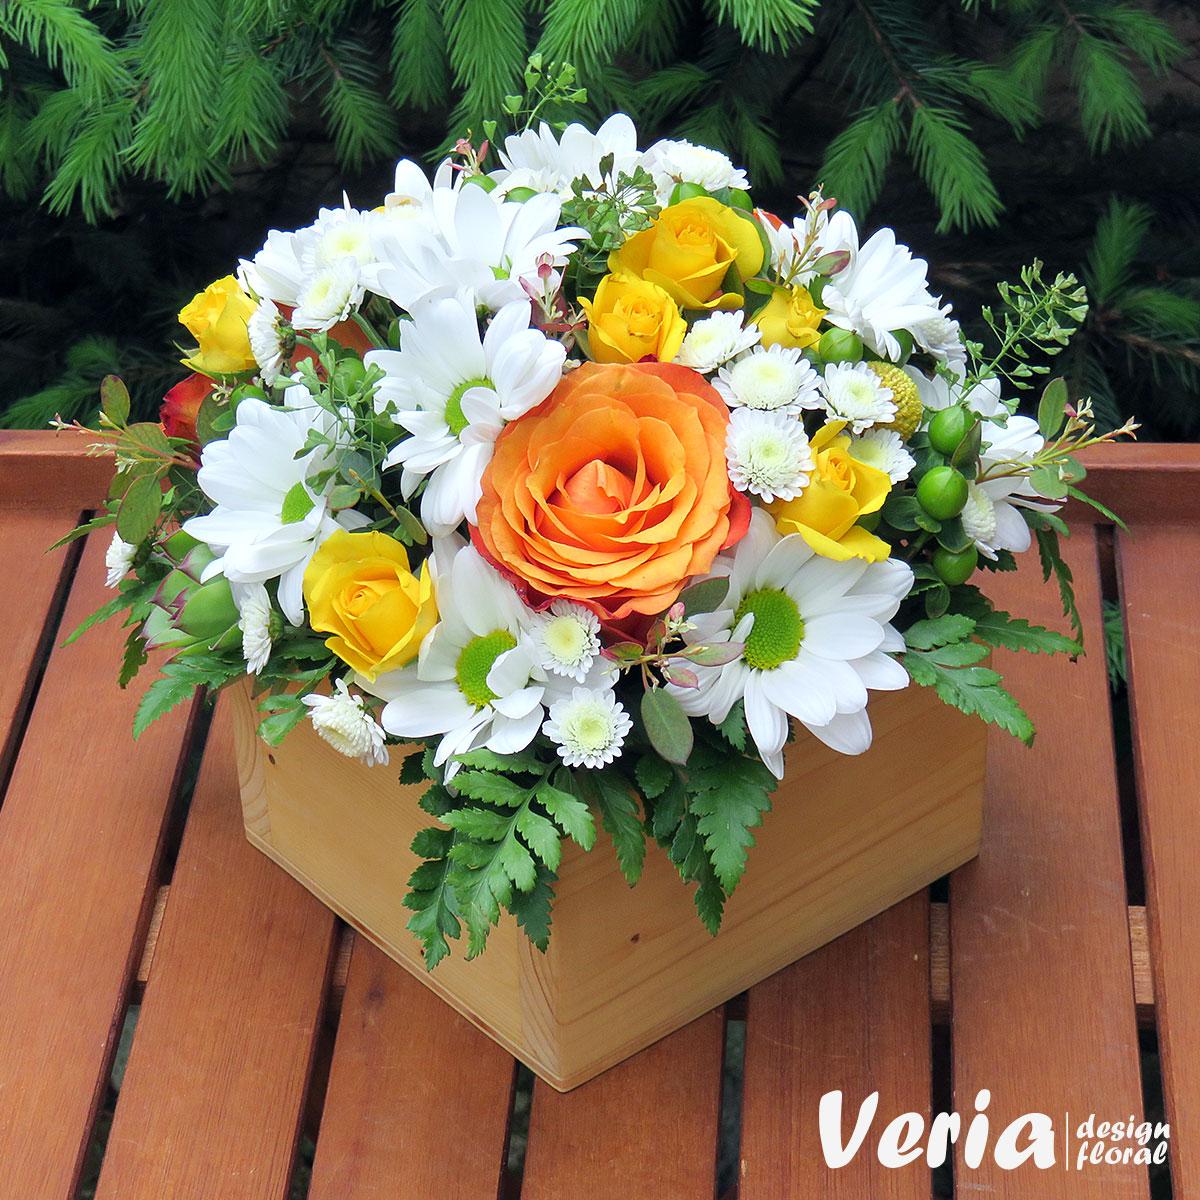 Aranjament Gradina Inflorita Din Trandafiri Si Miniroze La Floraria